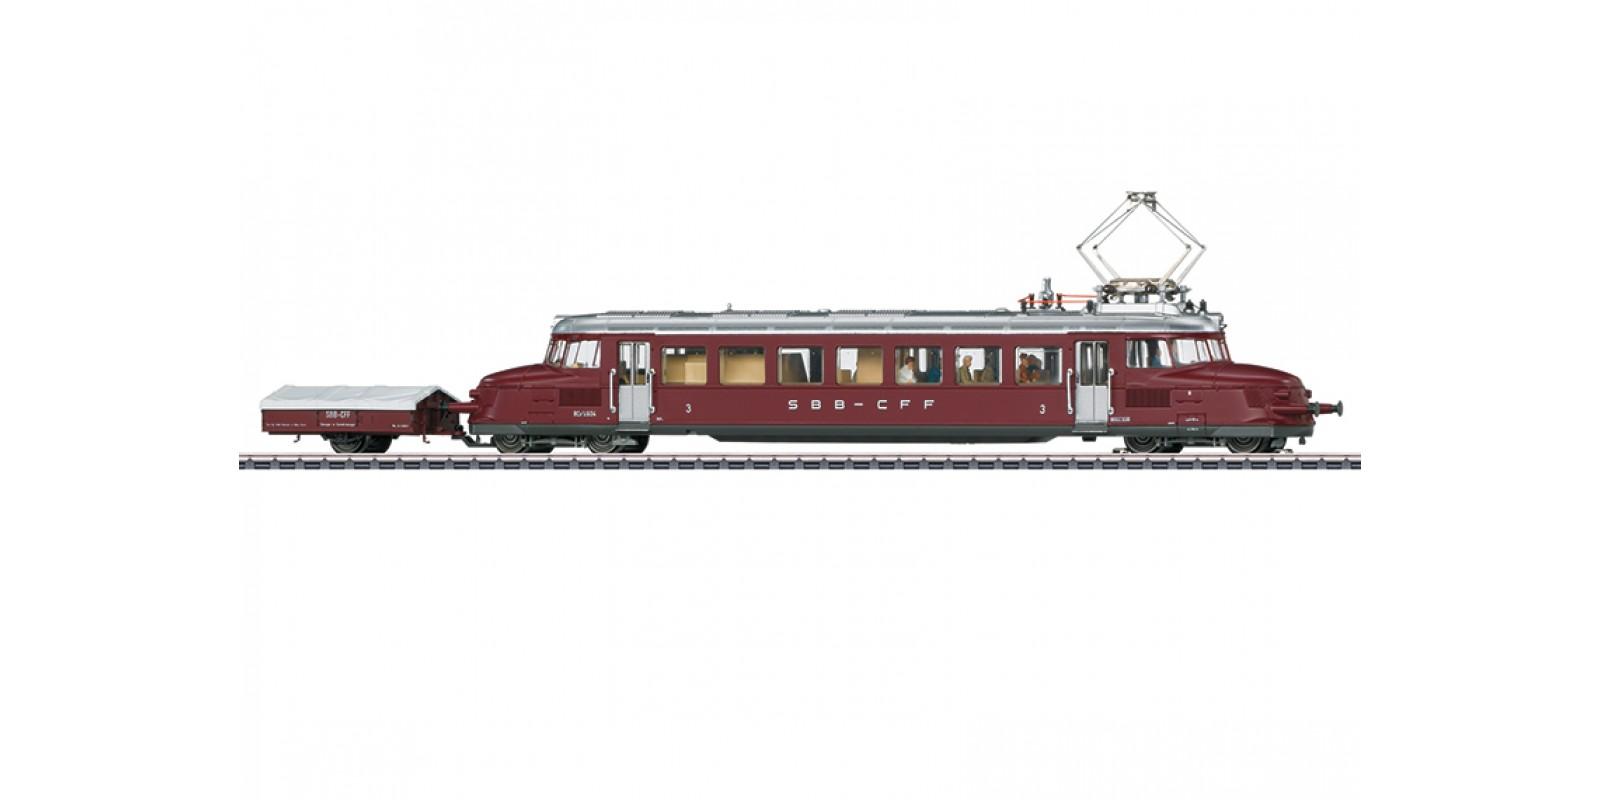 37869 Class RCe 2/4 Powered Rail Car